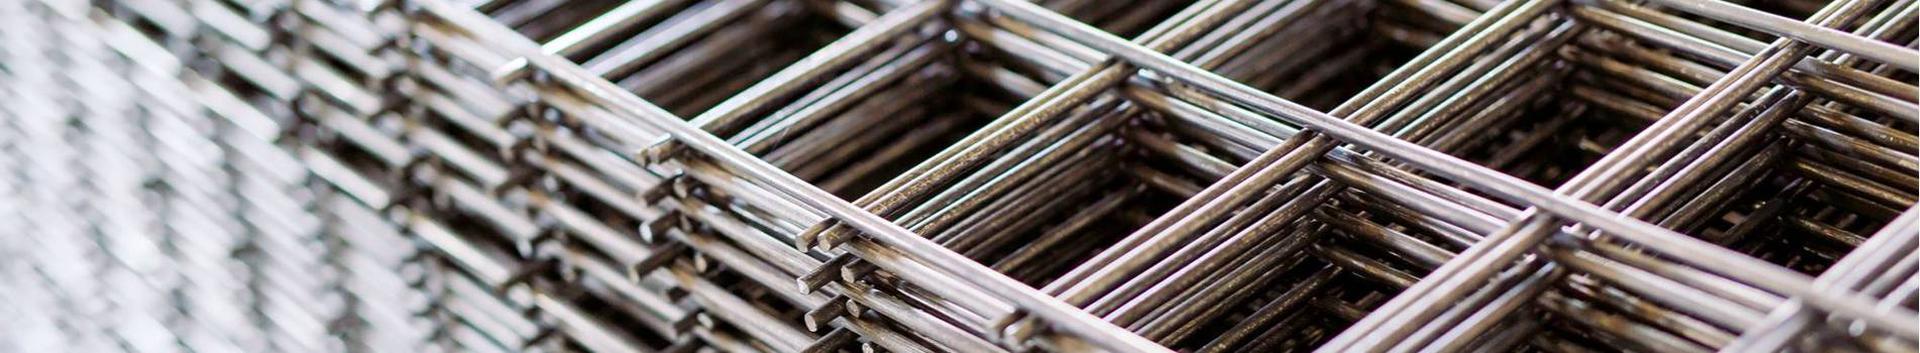 25119_metallkonstruktsioonide-tootmine_64404157_xl.jpg